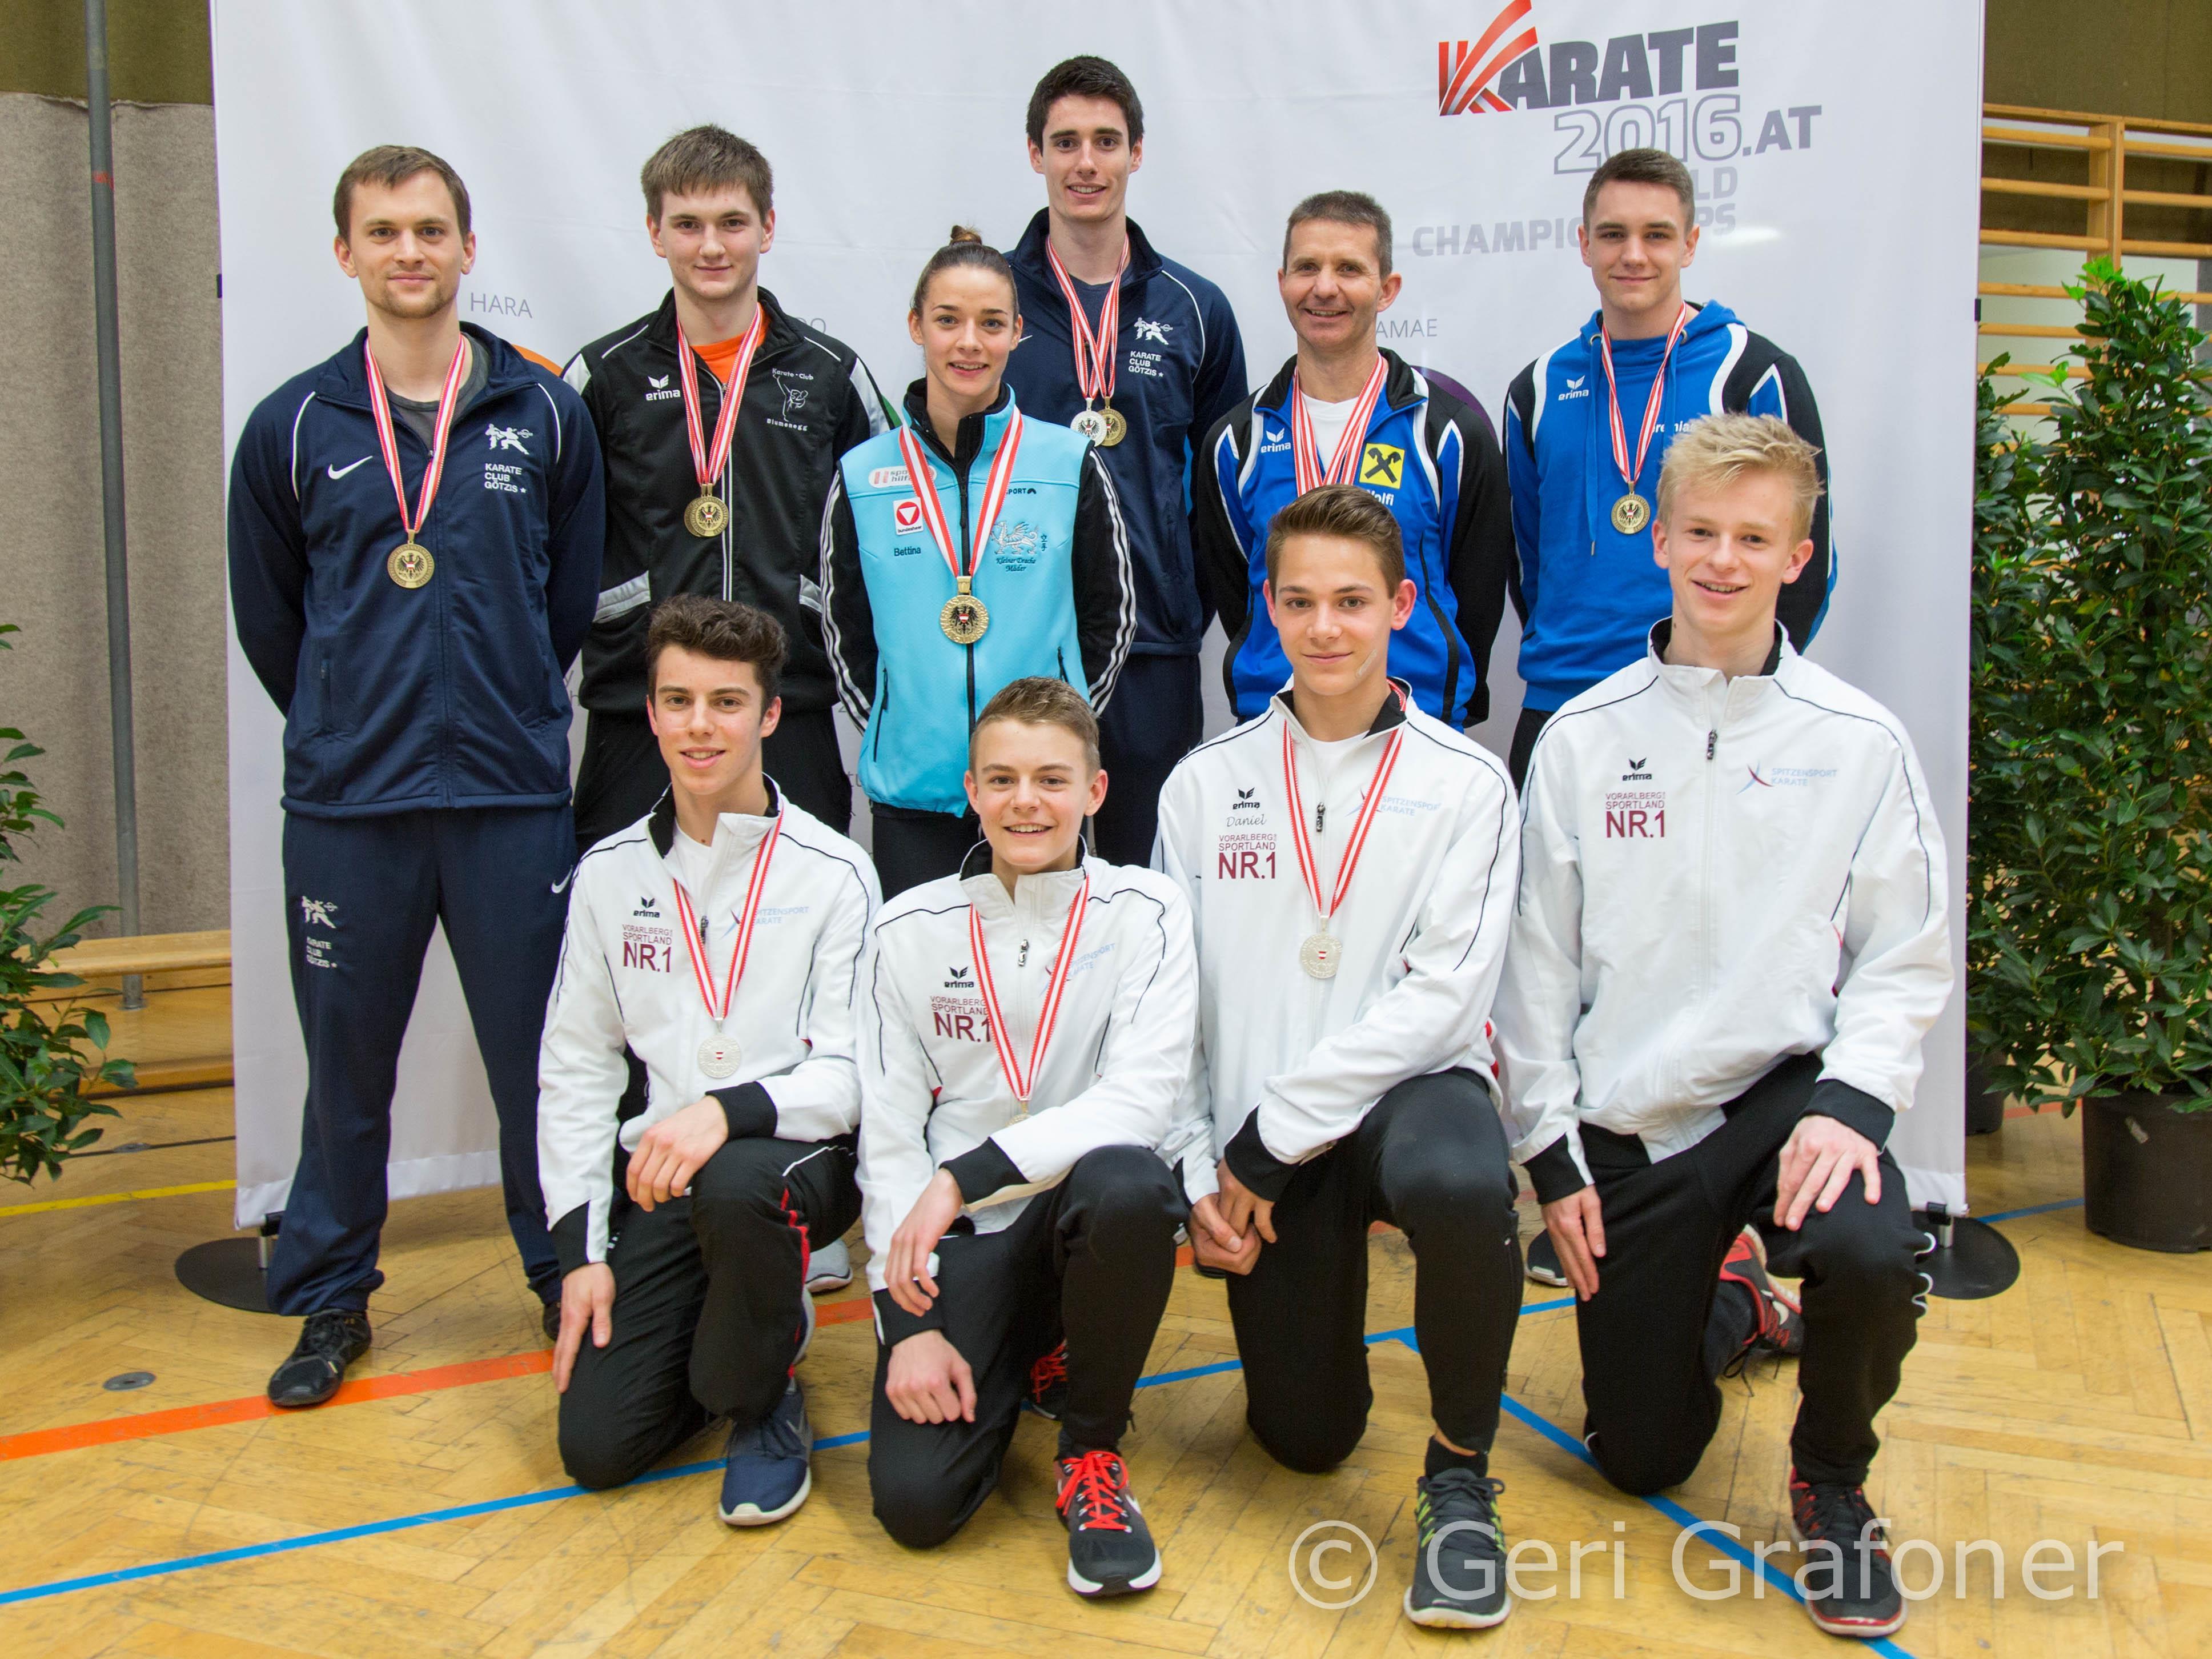 Alle Medaillengewinner bei den nationalen Titelkämpfen